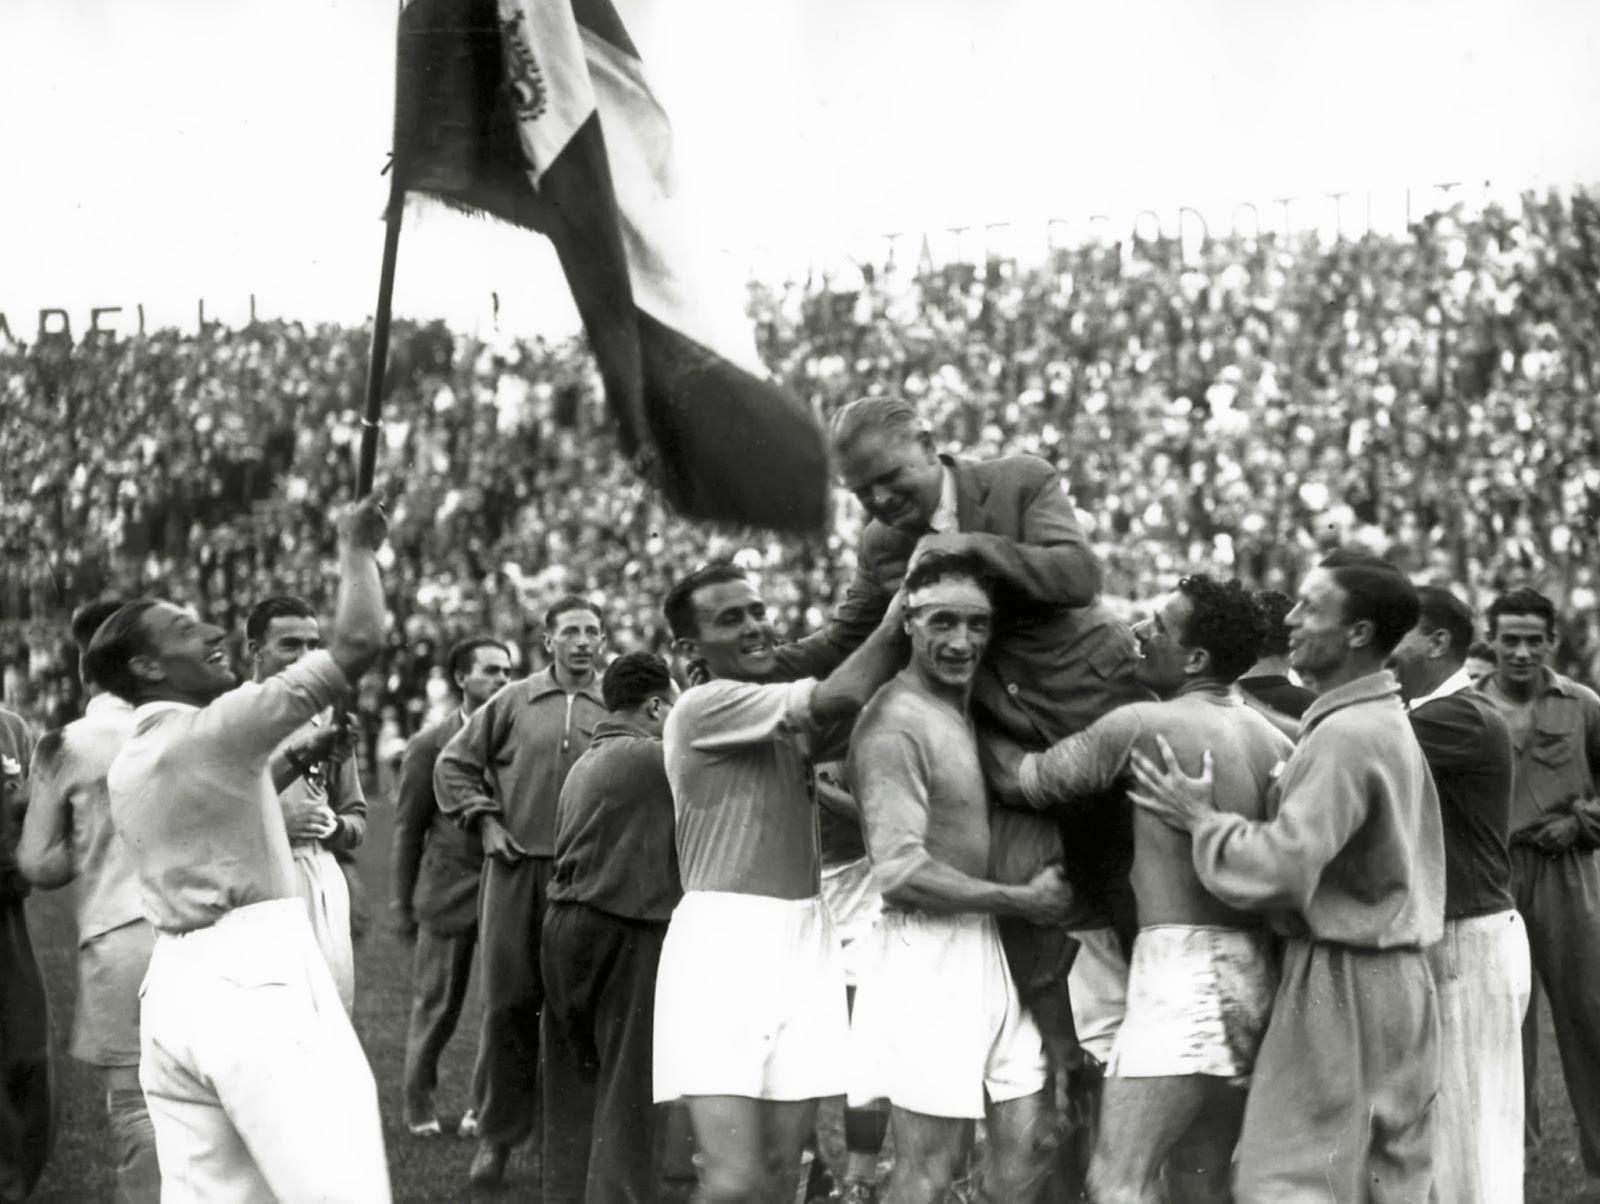 Πανηγυρισμοί της Εθνικής Ιταλίας μετά την κατάκτηση του Μουντιάλ του 1934